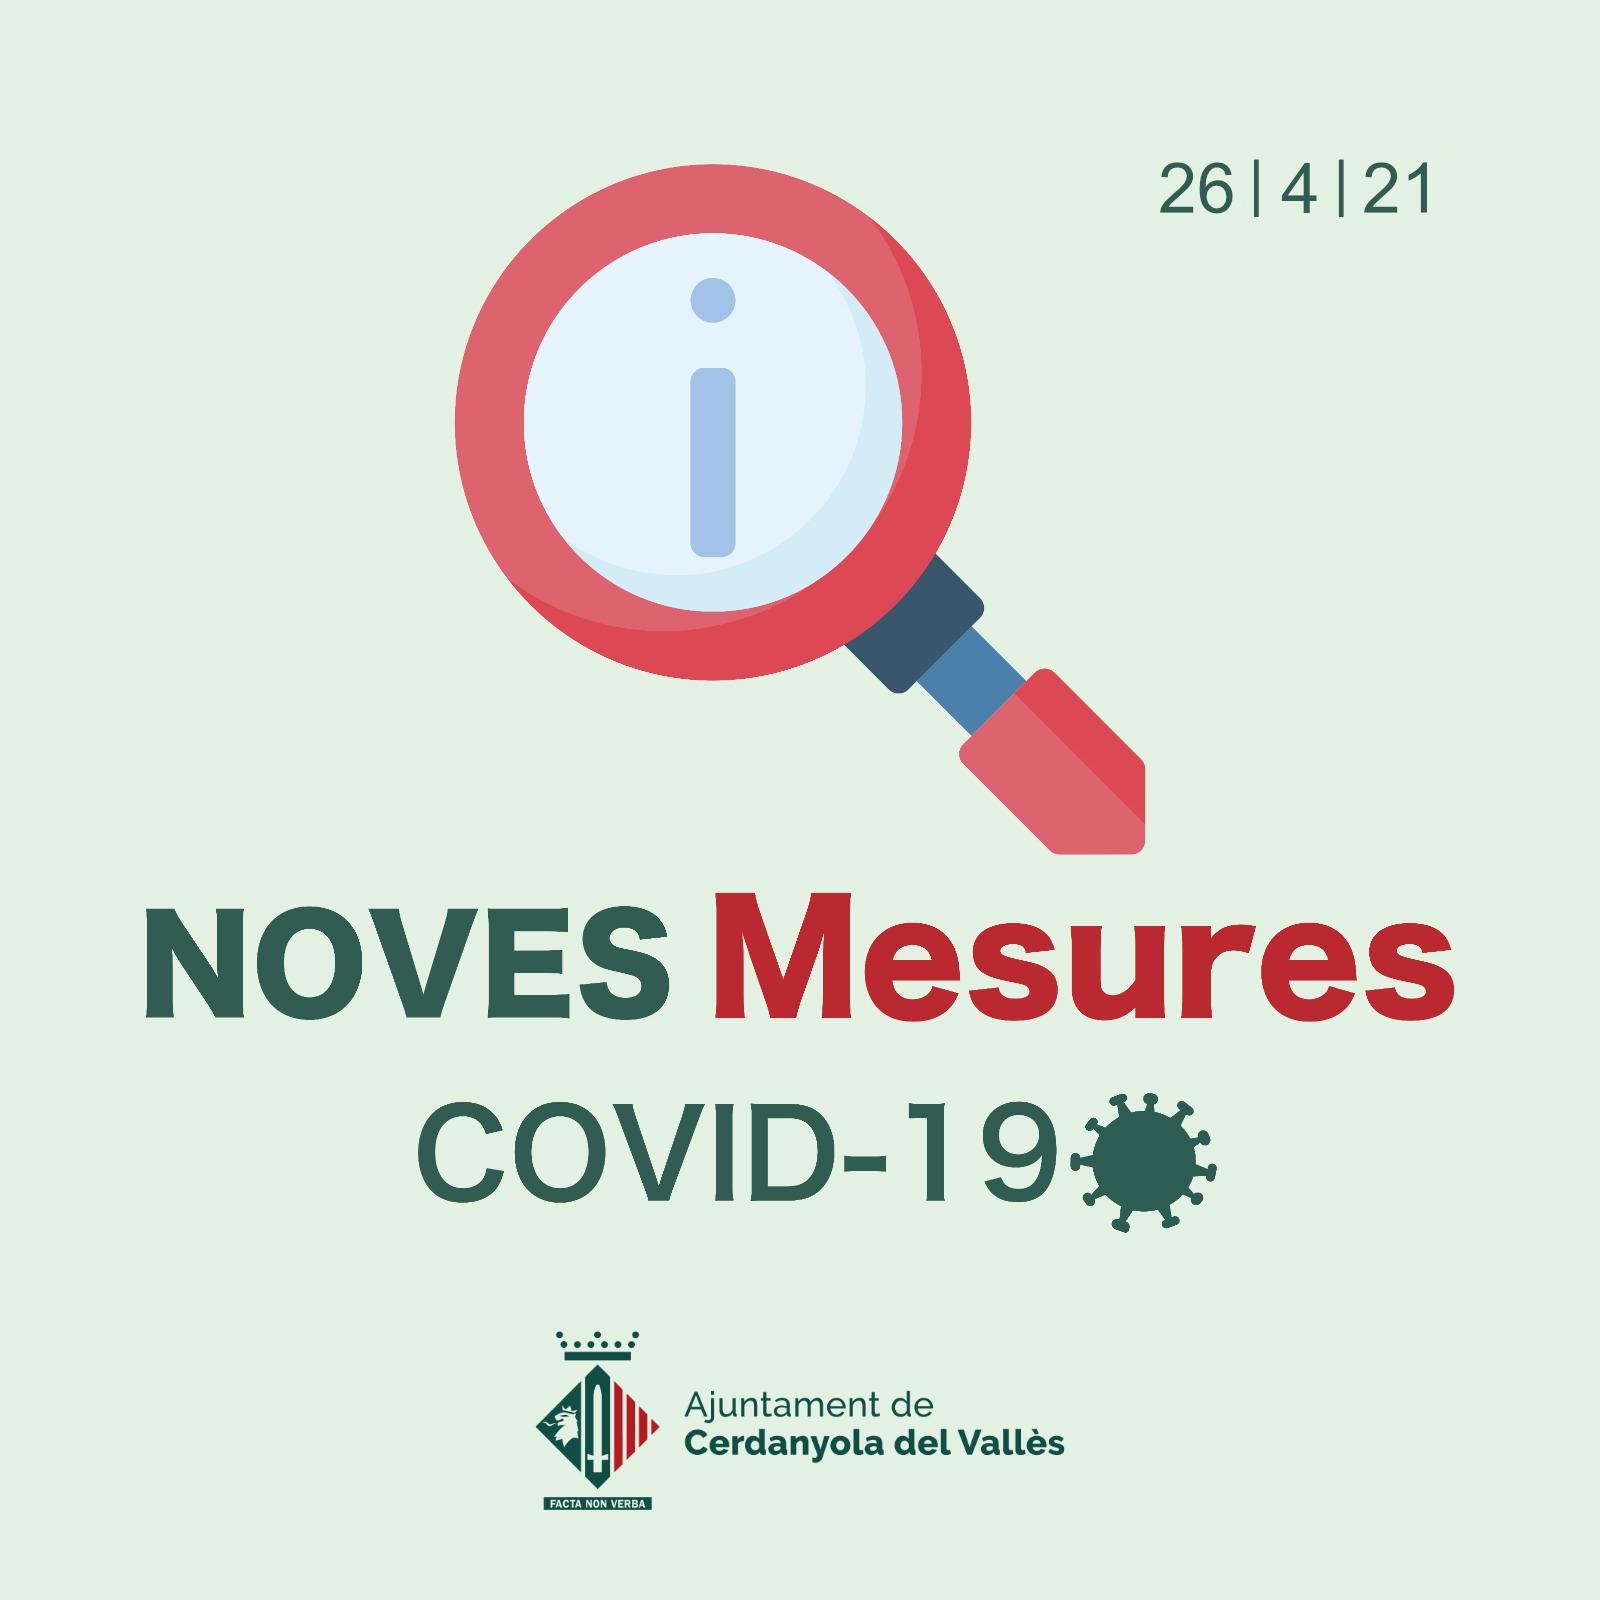 Imatge mesures COVID 26 d'abril